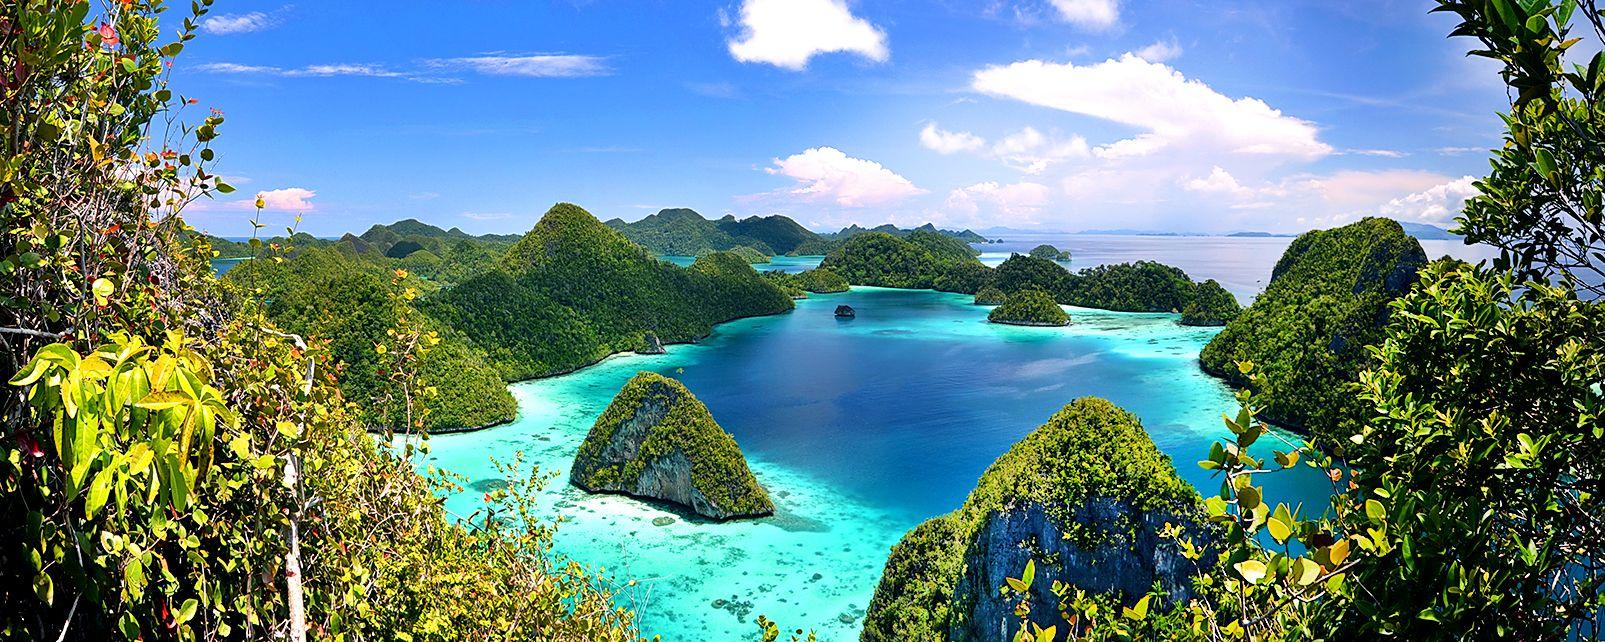 , Les îles Raja Ampat, Les côtes, Papouasie occidentale